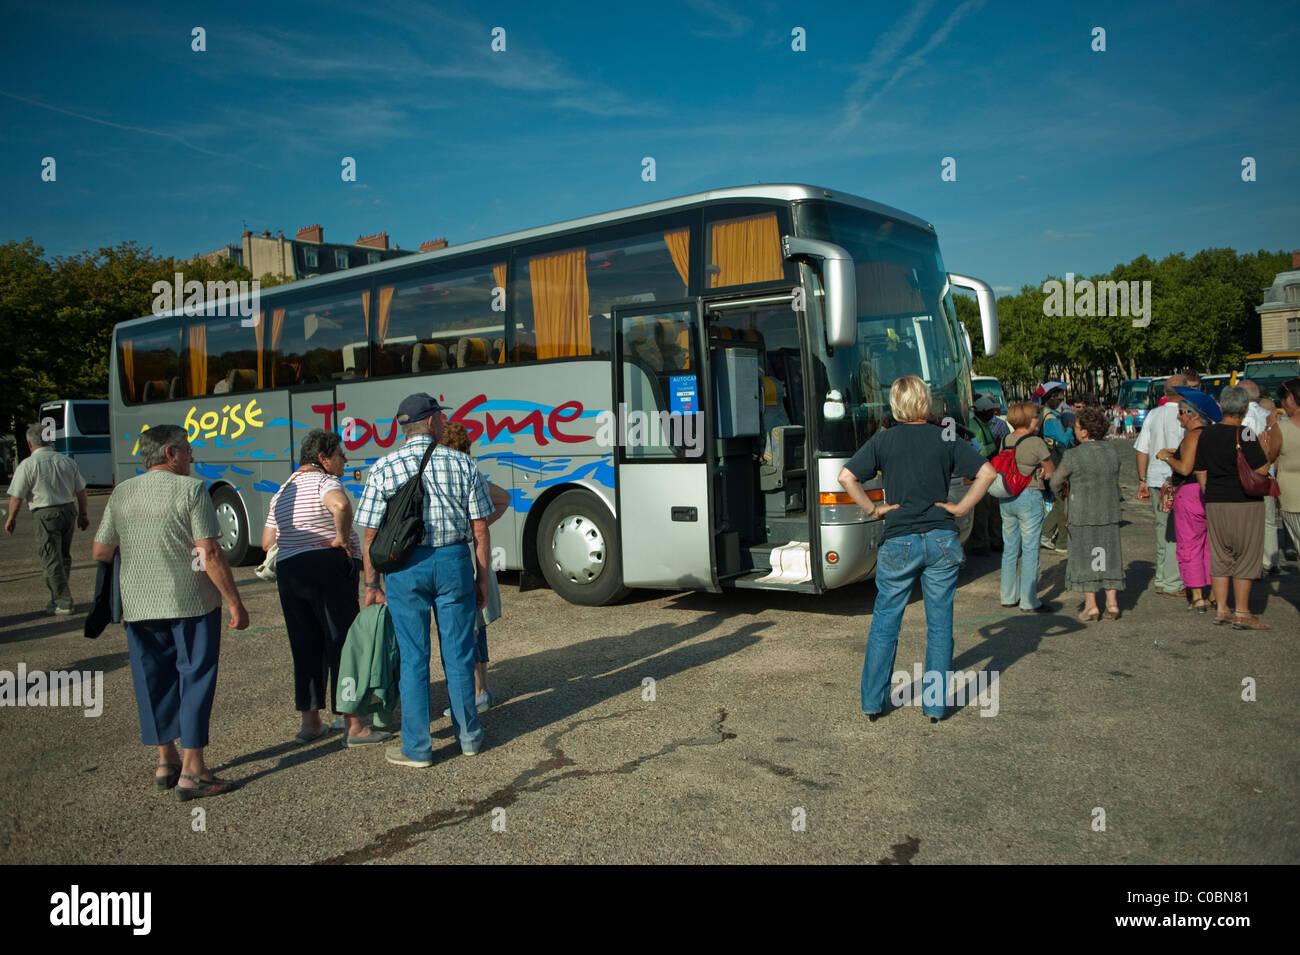 tour bus paris stock photos tour bus paris stock images alamy. Black Bedroom Furniture Sets. Home Design Ideas